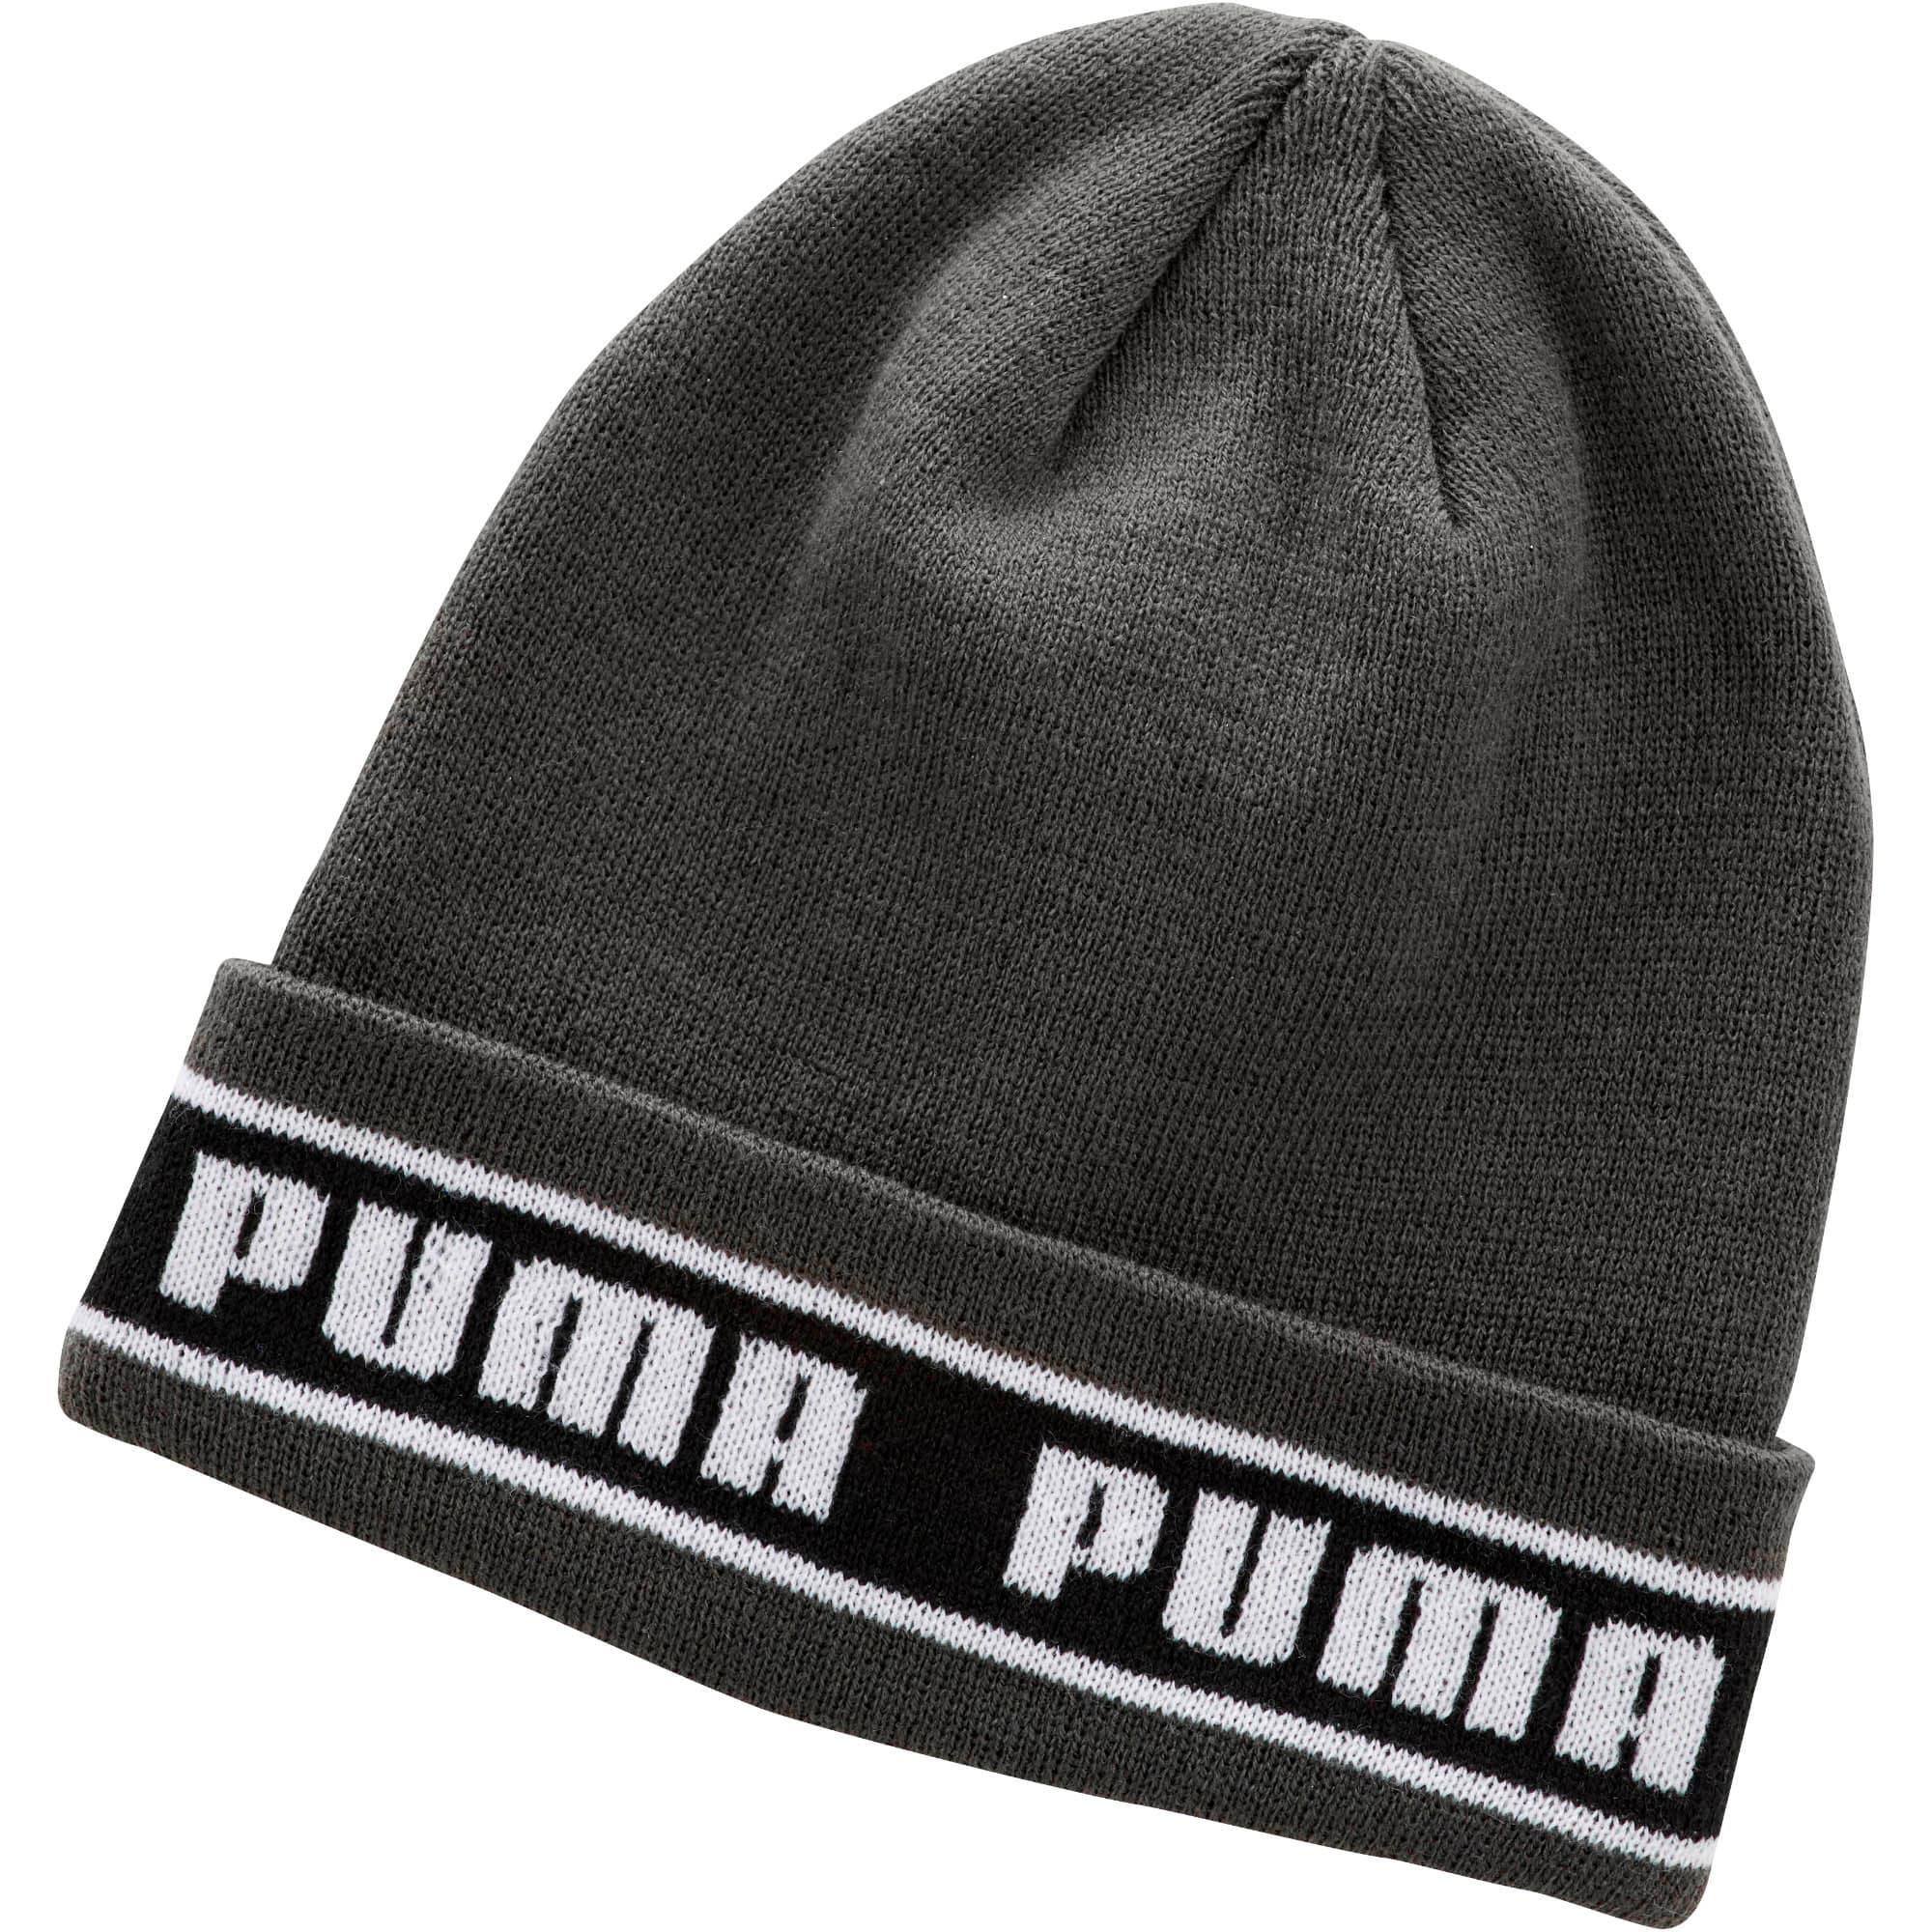 Thumbnail 1 of PUMA Logo Band Beanie, Green/Black, medium